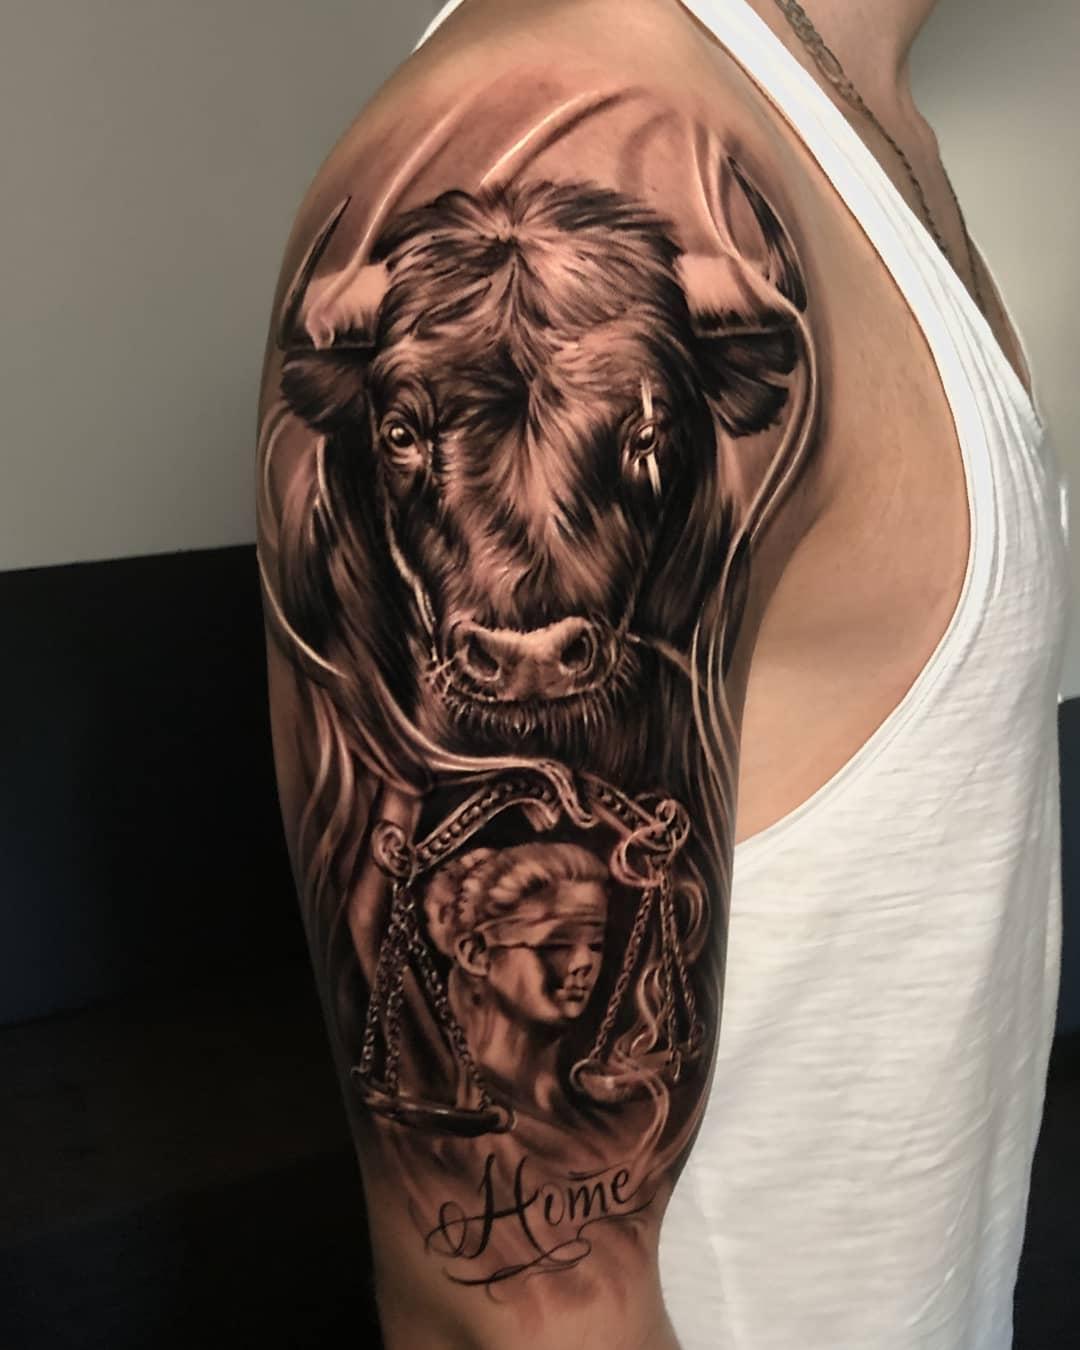 100 Imágenes Con Tatuajes de Toros Alucinantes